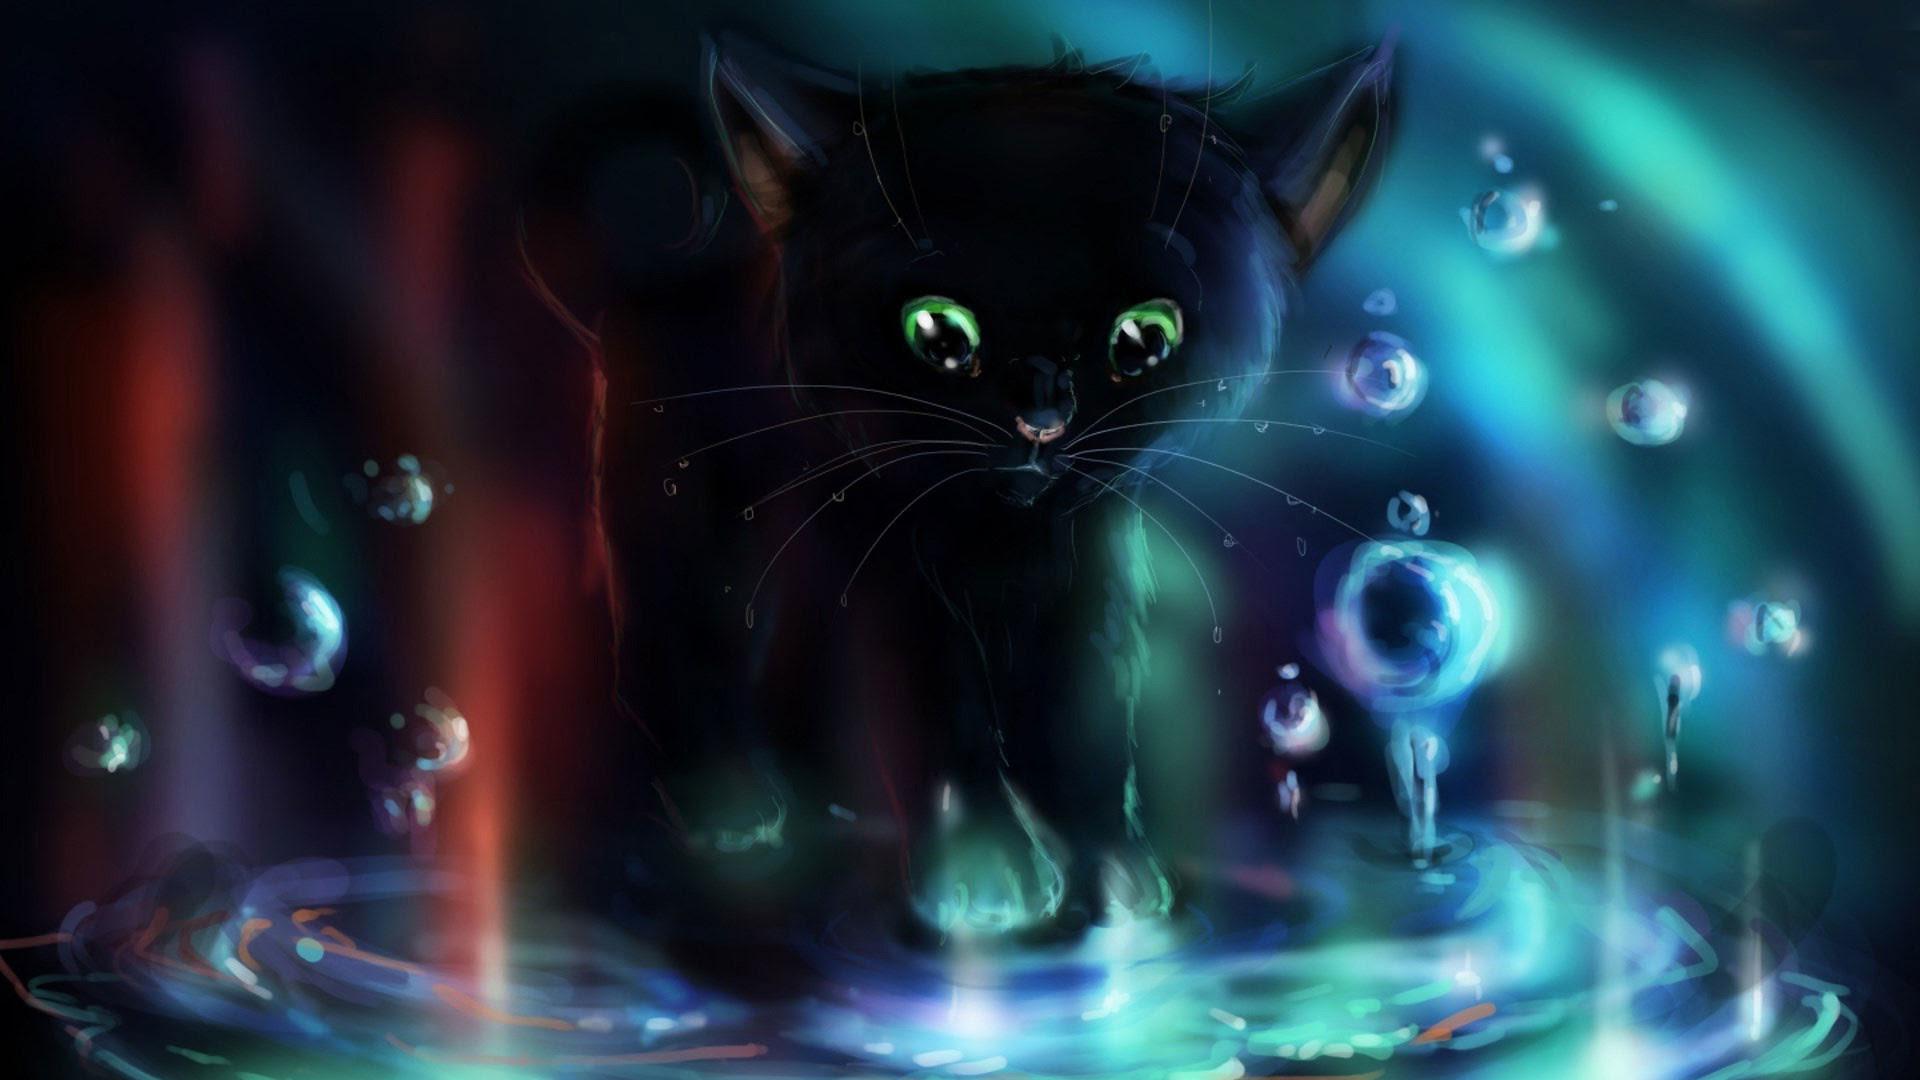 Cat Black Cat Wallpaper Cartoon